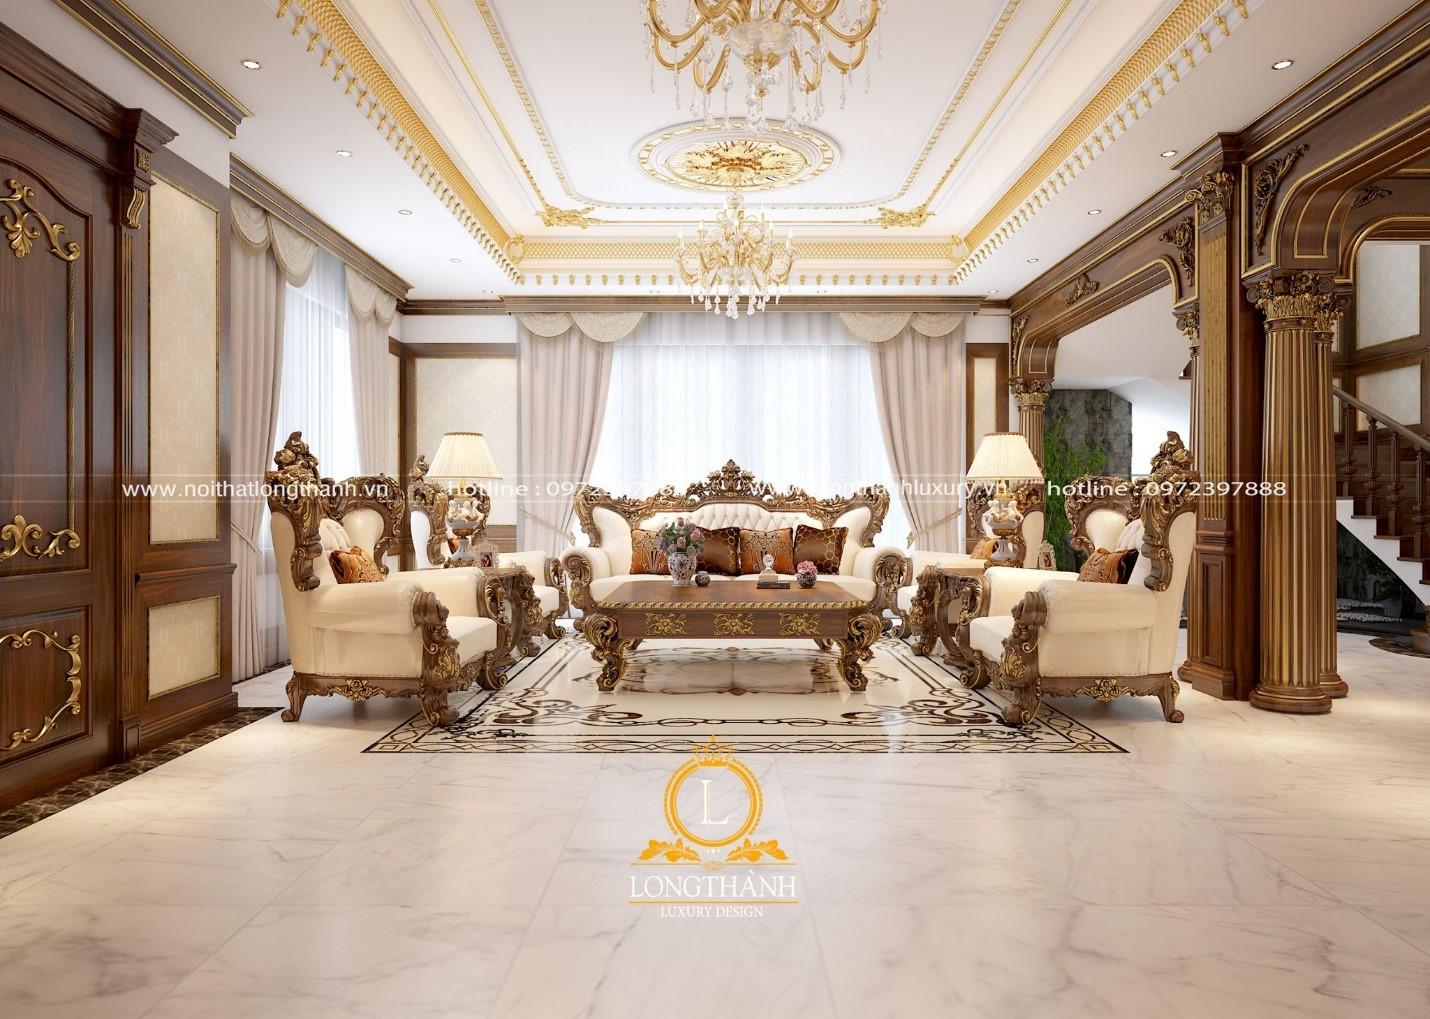 Thiết kế nội thất nhà và tiện lợi khẳng định lên đẳng cấp và mức độ chịu chơi của gia chủ